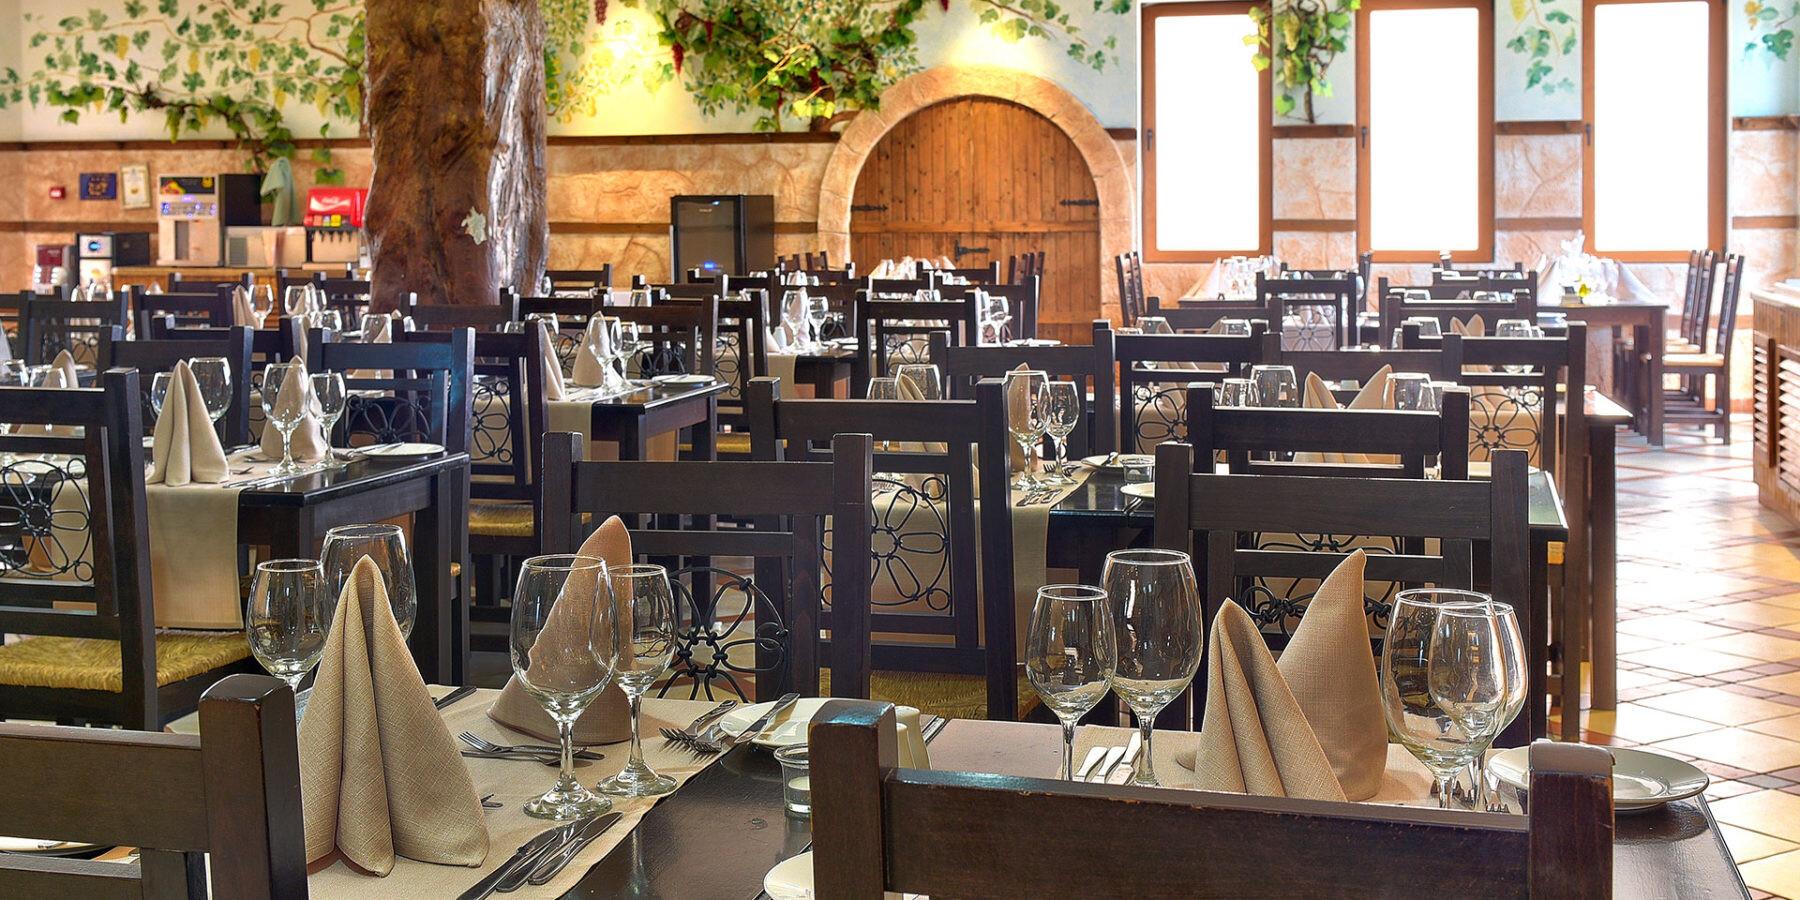 Хотел Мирамар 4* - a la cart ресторант гурме